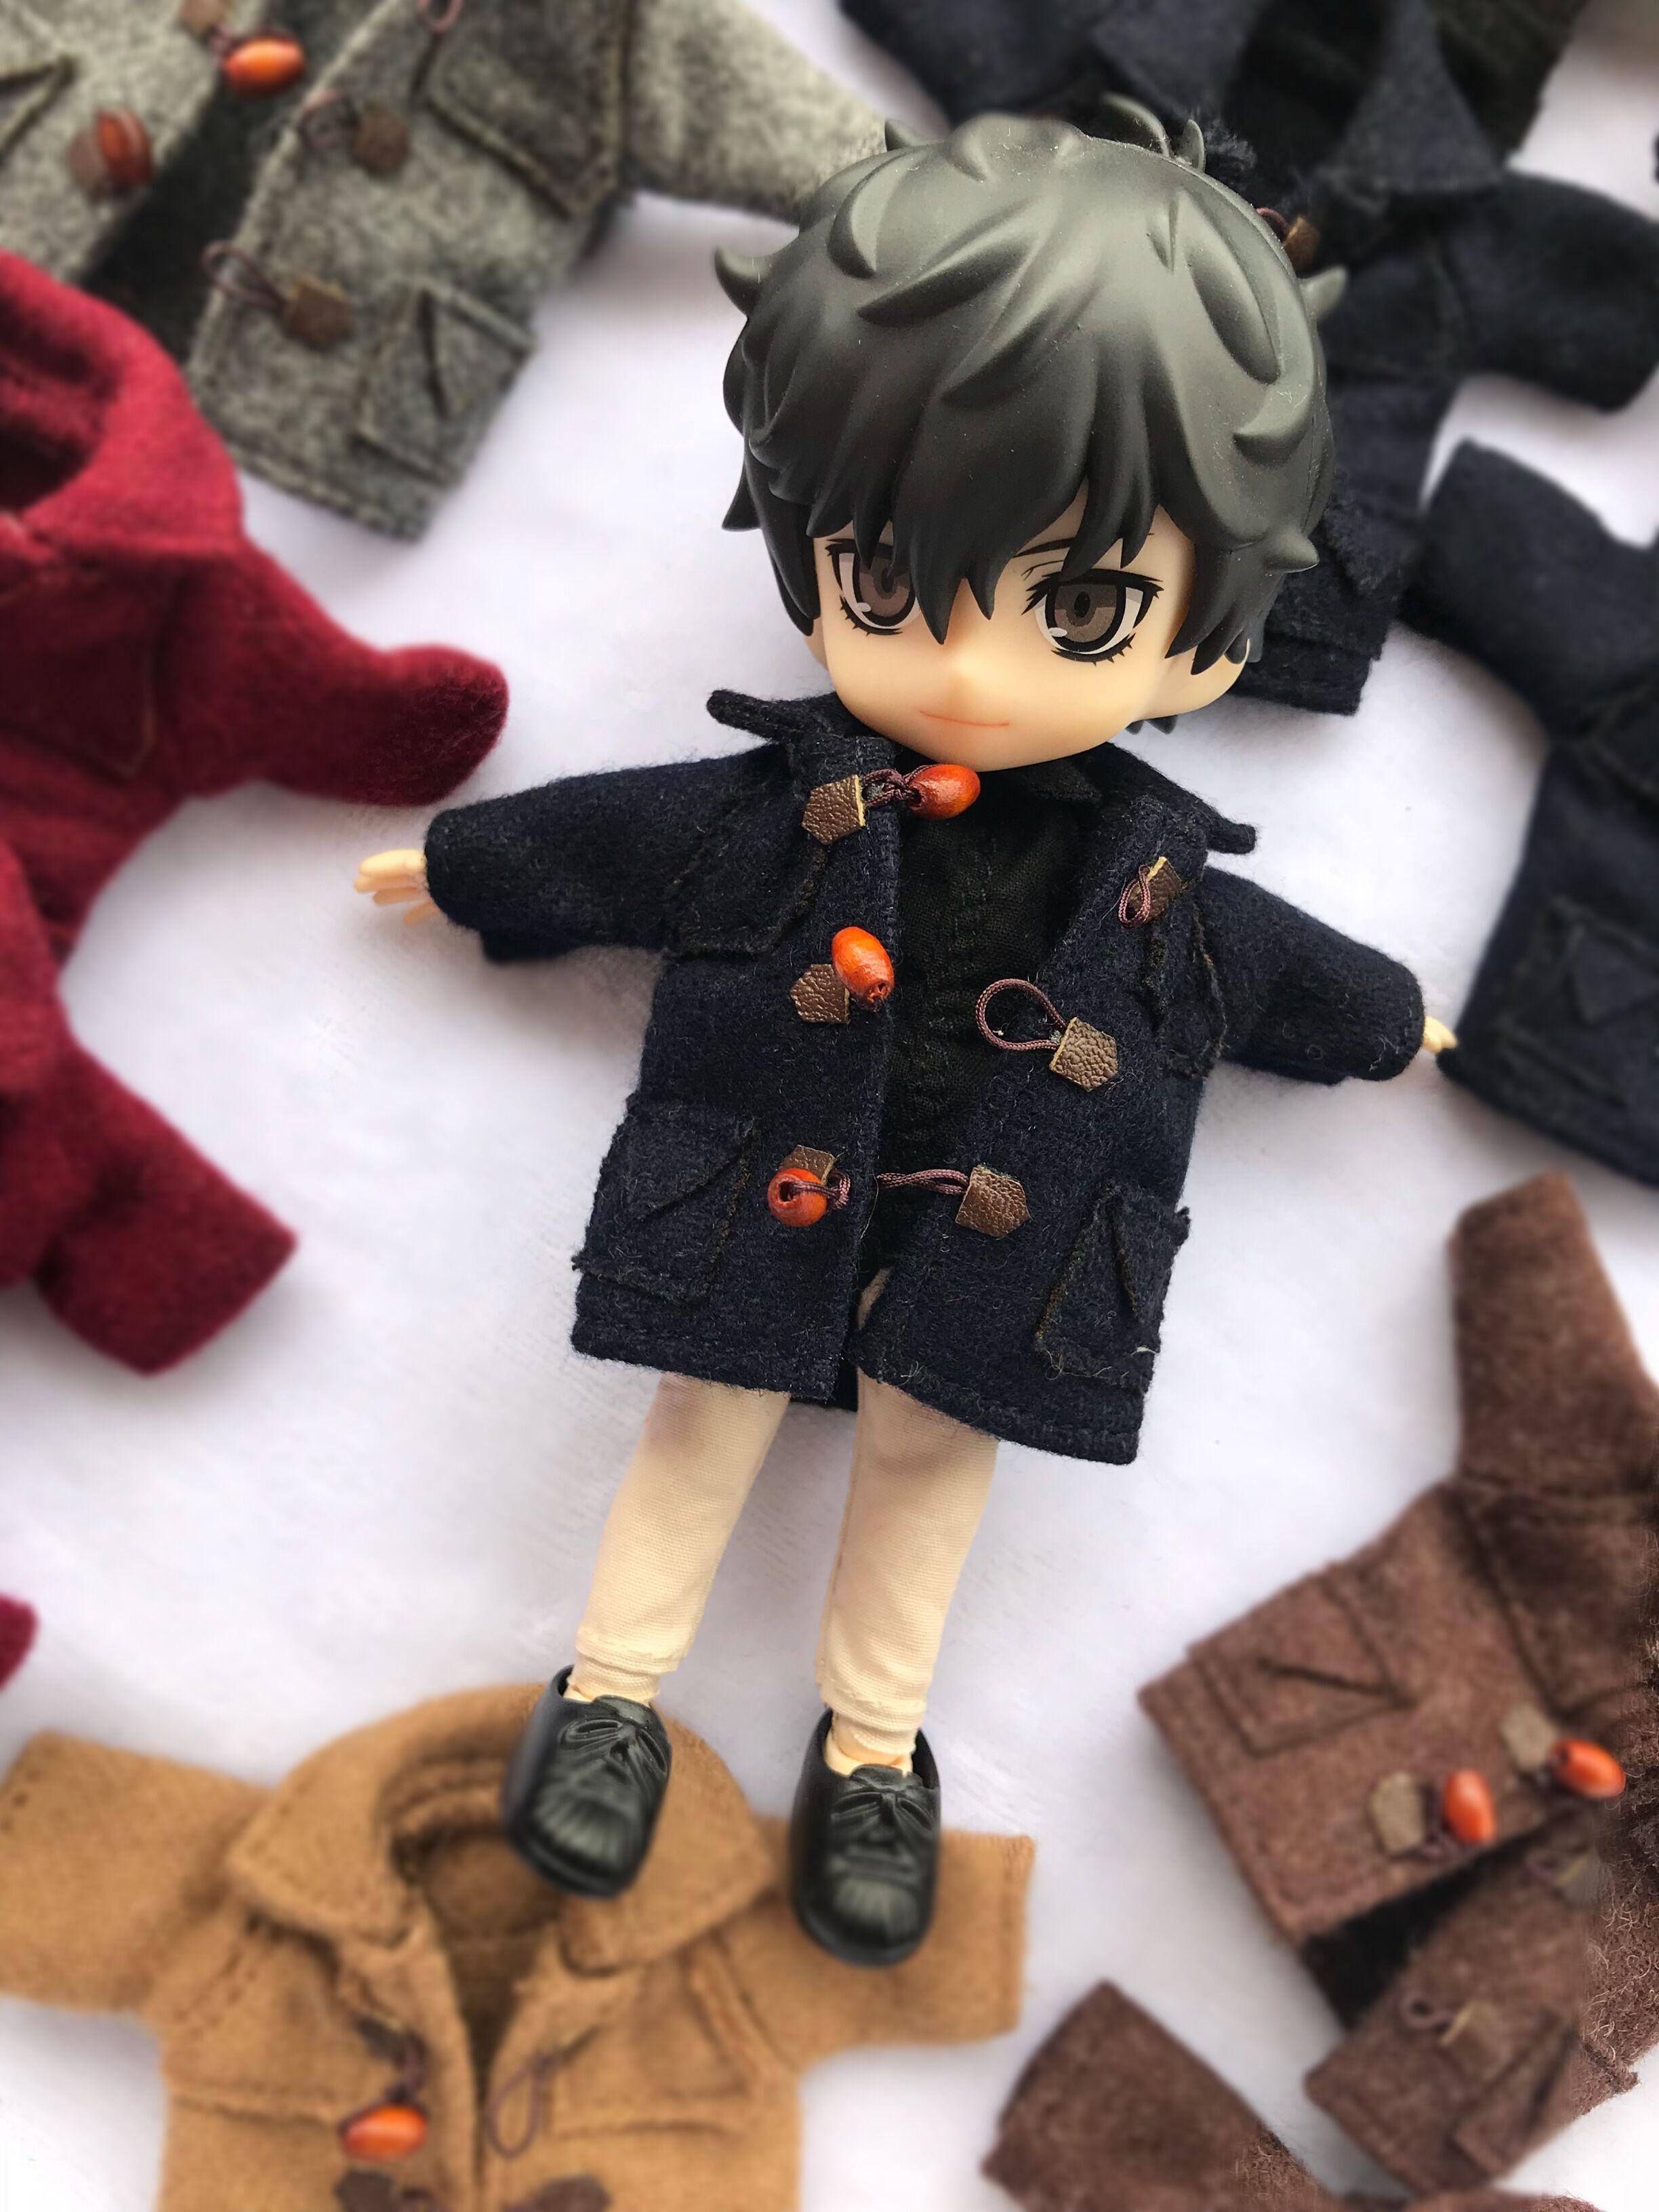 Manteau de boucle de corne de style britannique pour Obitsu11 OB11 1/12 poupée OB11 poupée cgc molly disponible pour cu-poche OB11 accessoires poupée